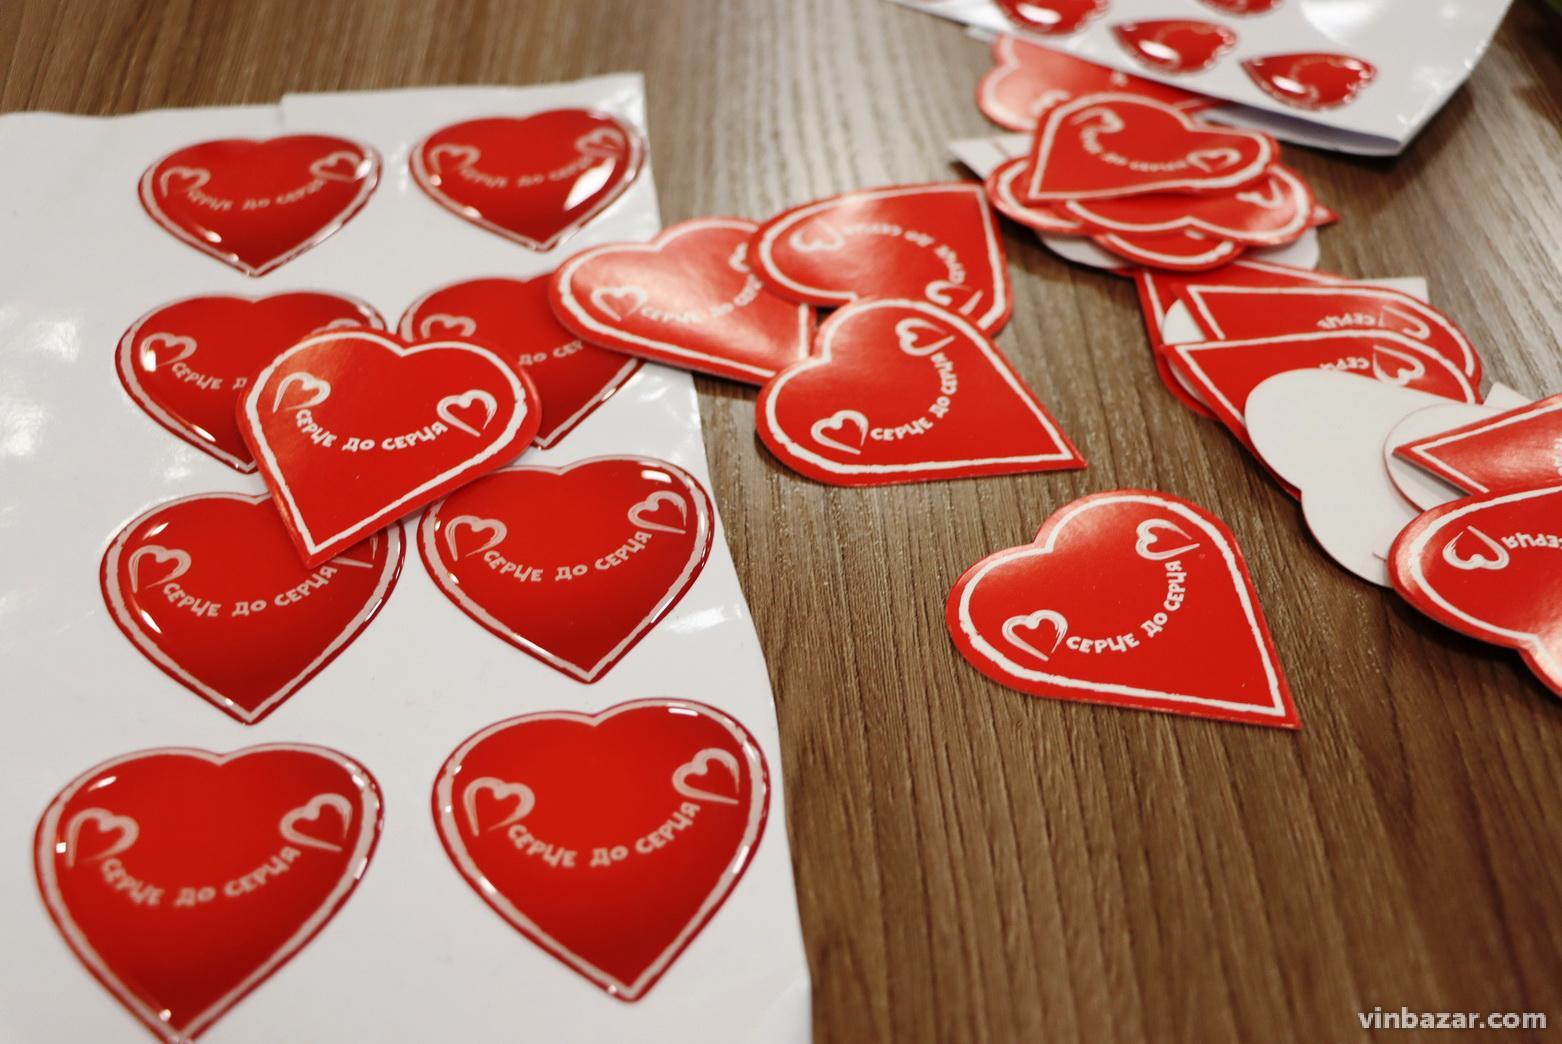 """Вінницькій обласній дитячій лікарні передали медичне обладнання, закуплене під час благодійної акції """"Серце до серця"""" (Фото)"""